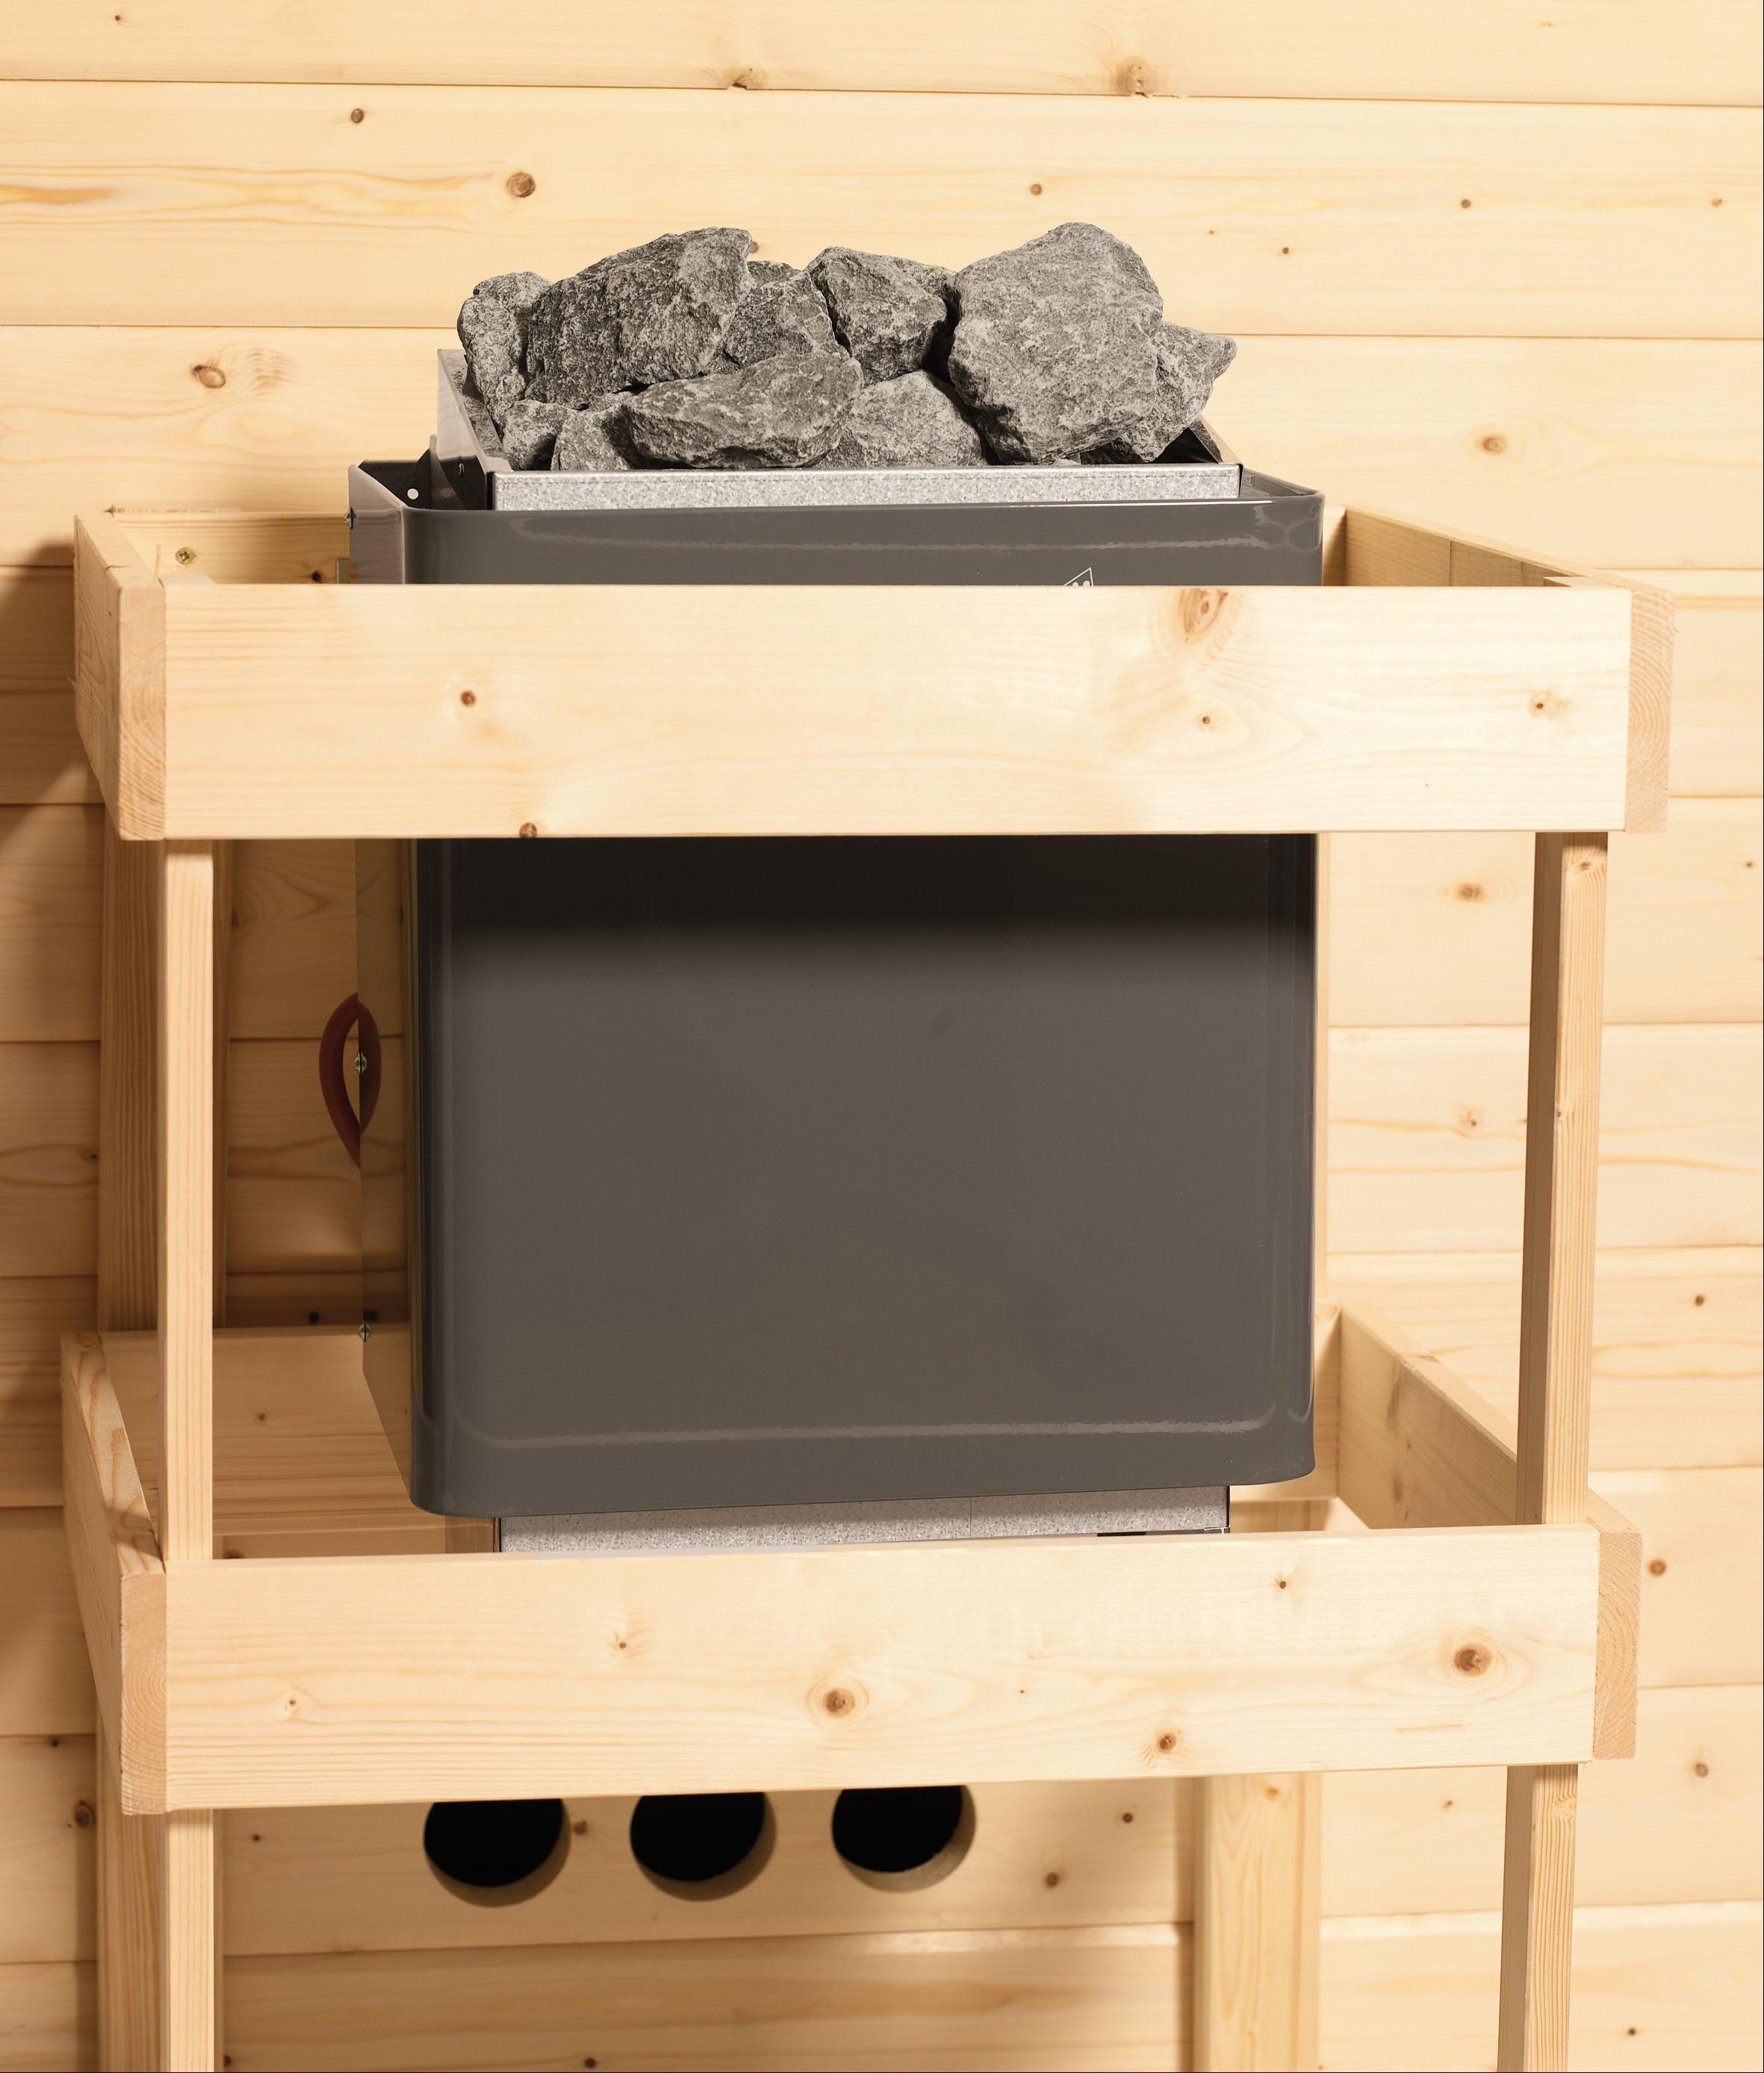 Woodfeeling Sauna Franka 38mm Saunaofen 9kW intern Kranz Klarglas Tür Bild 8